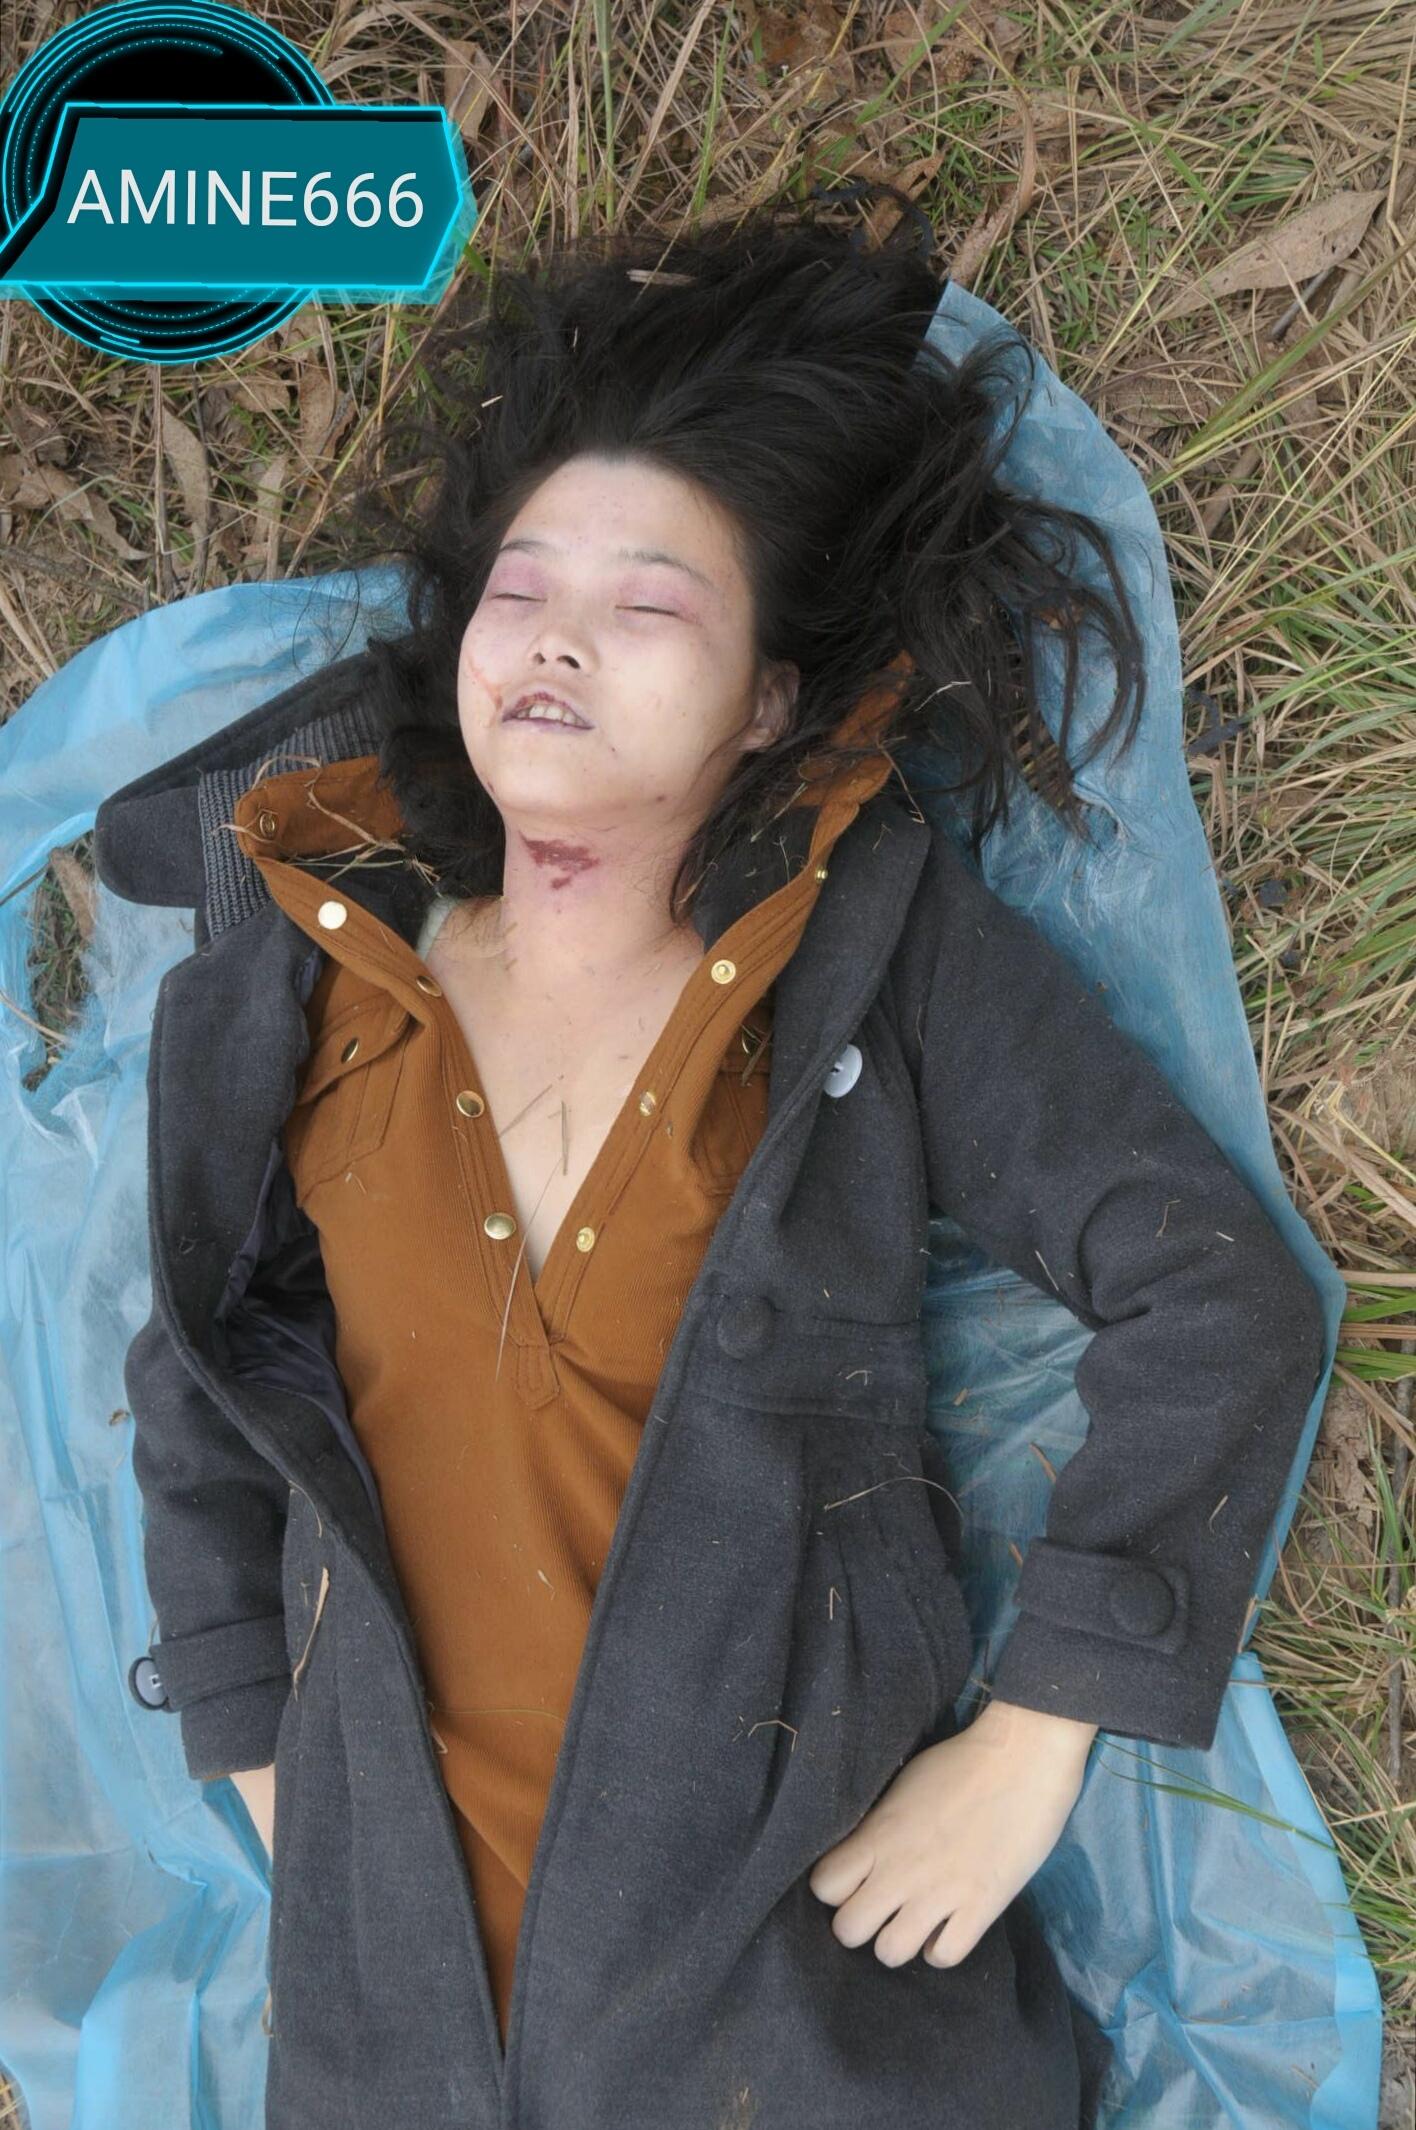 【遺体注意】草むらでレイプされた後絞殺された中国人少女、その場で検視されてる画像がヤバい・・・・・(画像)・3枚目